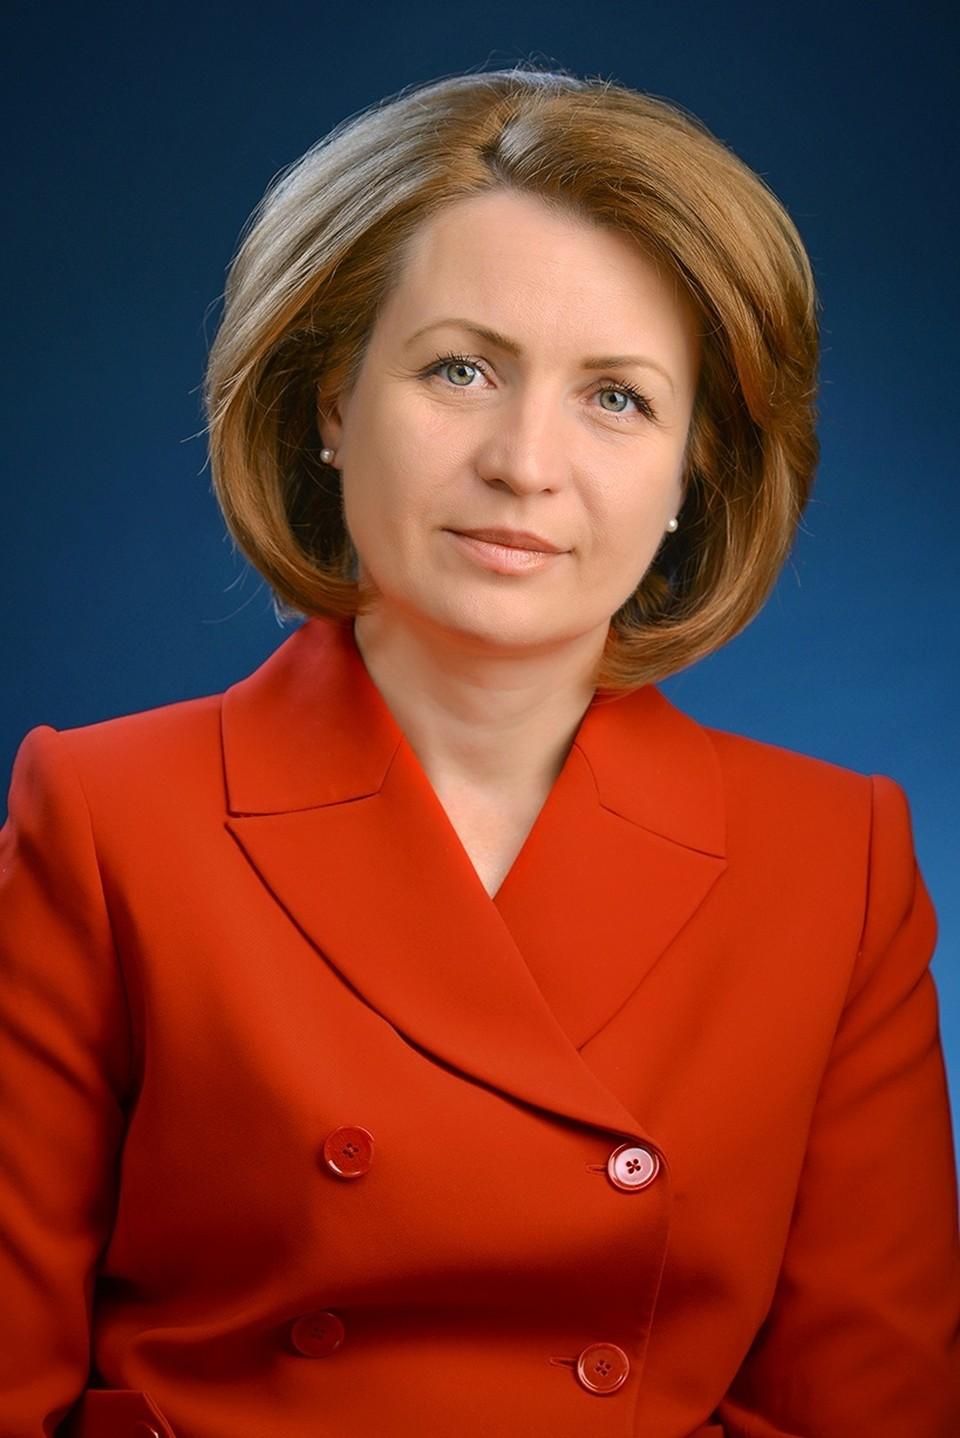 Мэр собралась избираться еще и в Заксобрание Омской области. Фото: пресс-служба администрации Омска